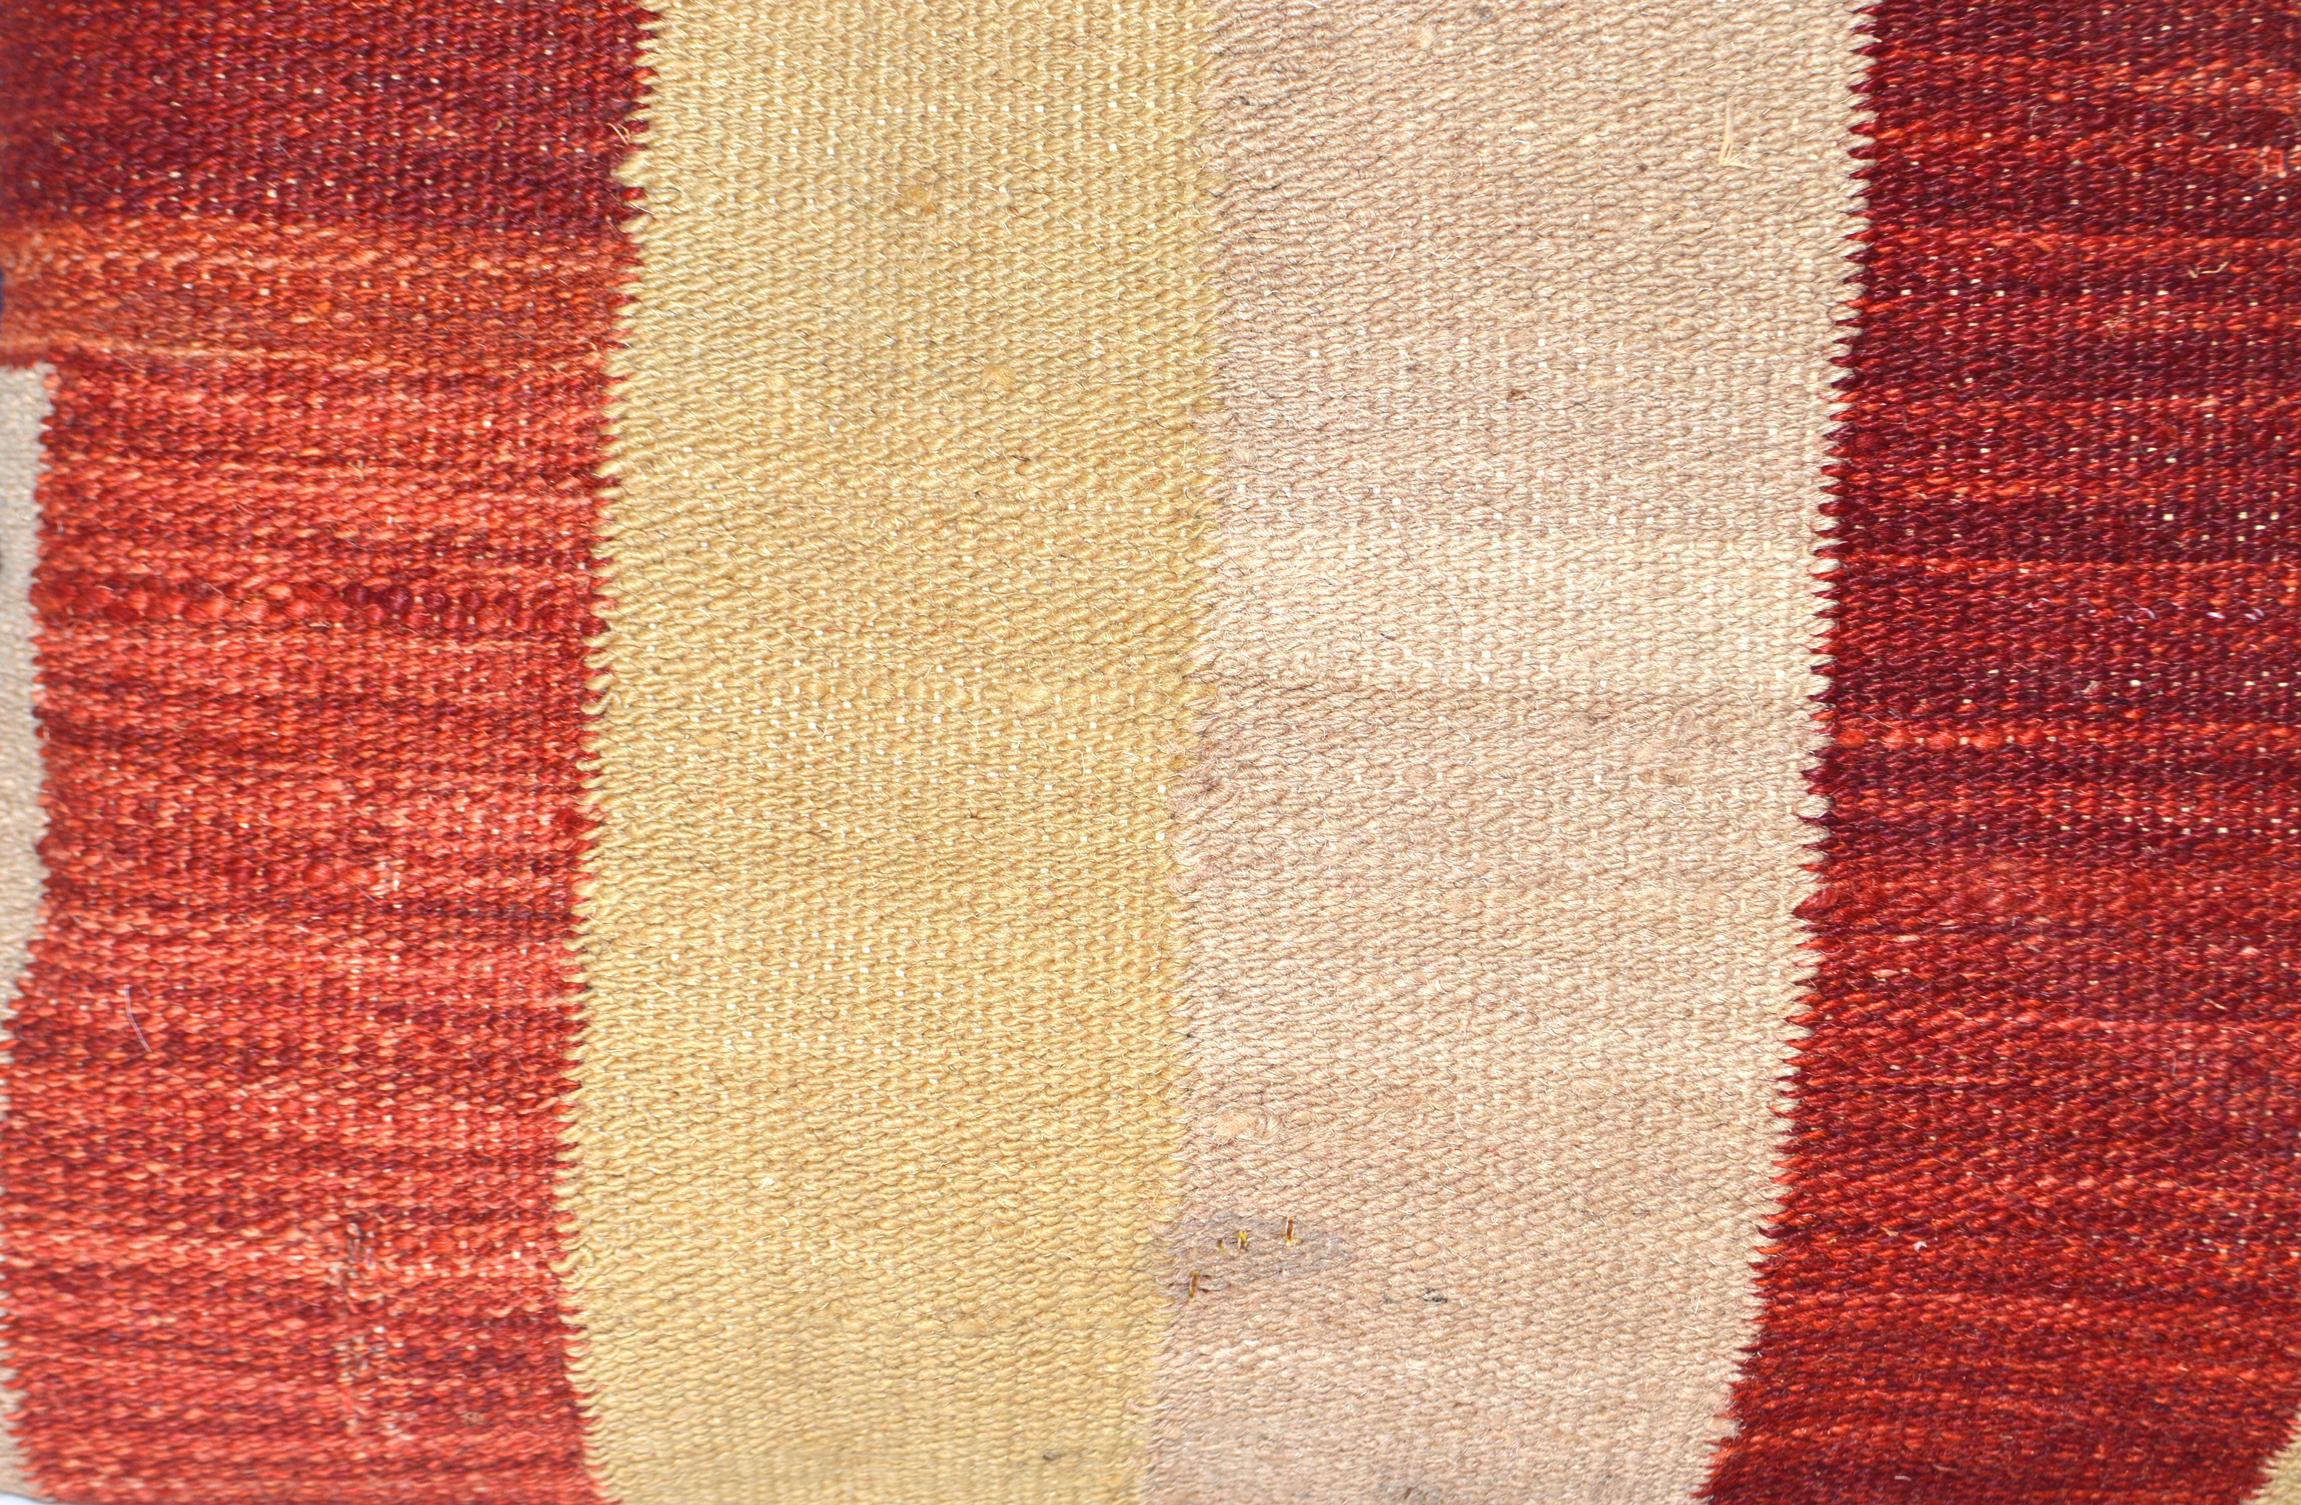 Orientalische Antik Kelim Kissen Unikat aus Wolle, handgewebte Dekokissen, Vintage AKS 015 Größe 40 x 40 cm